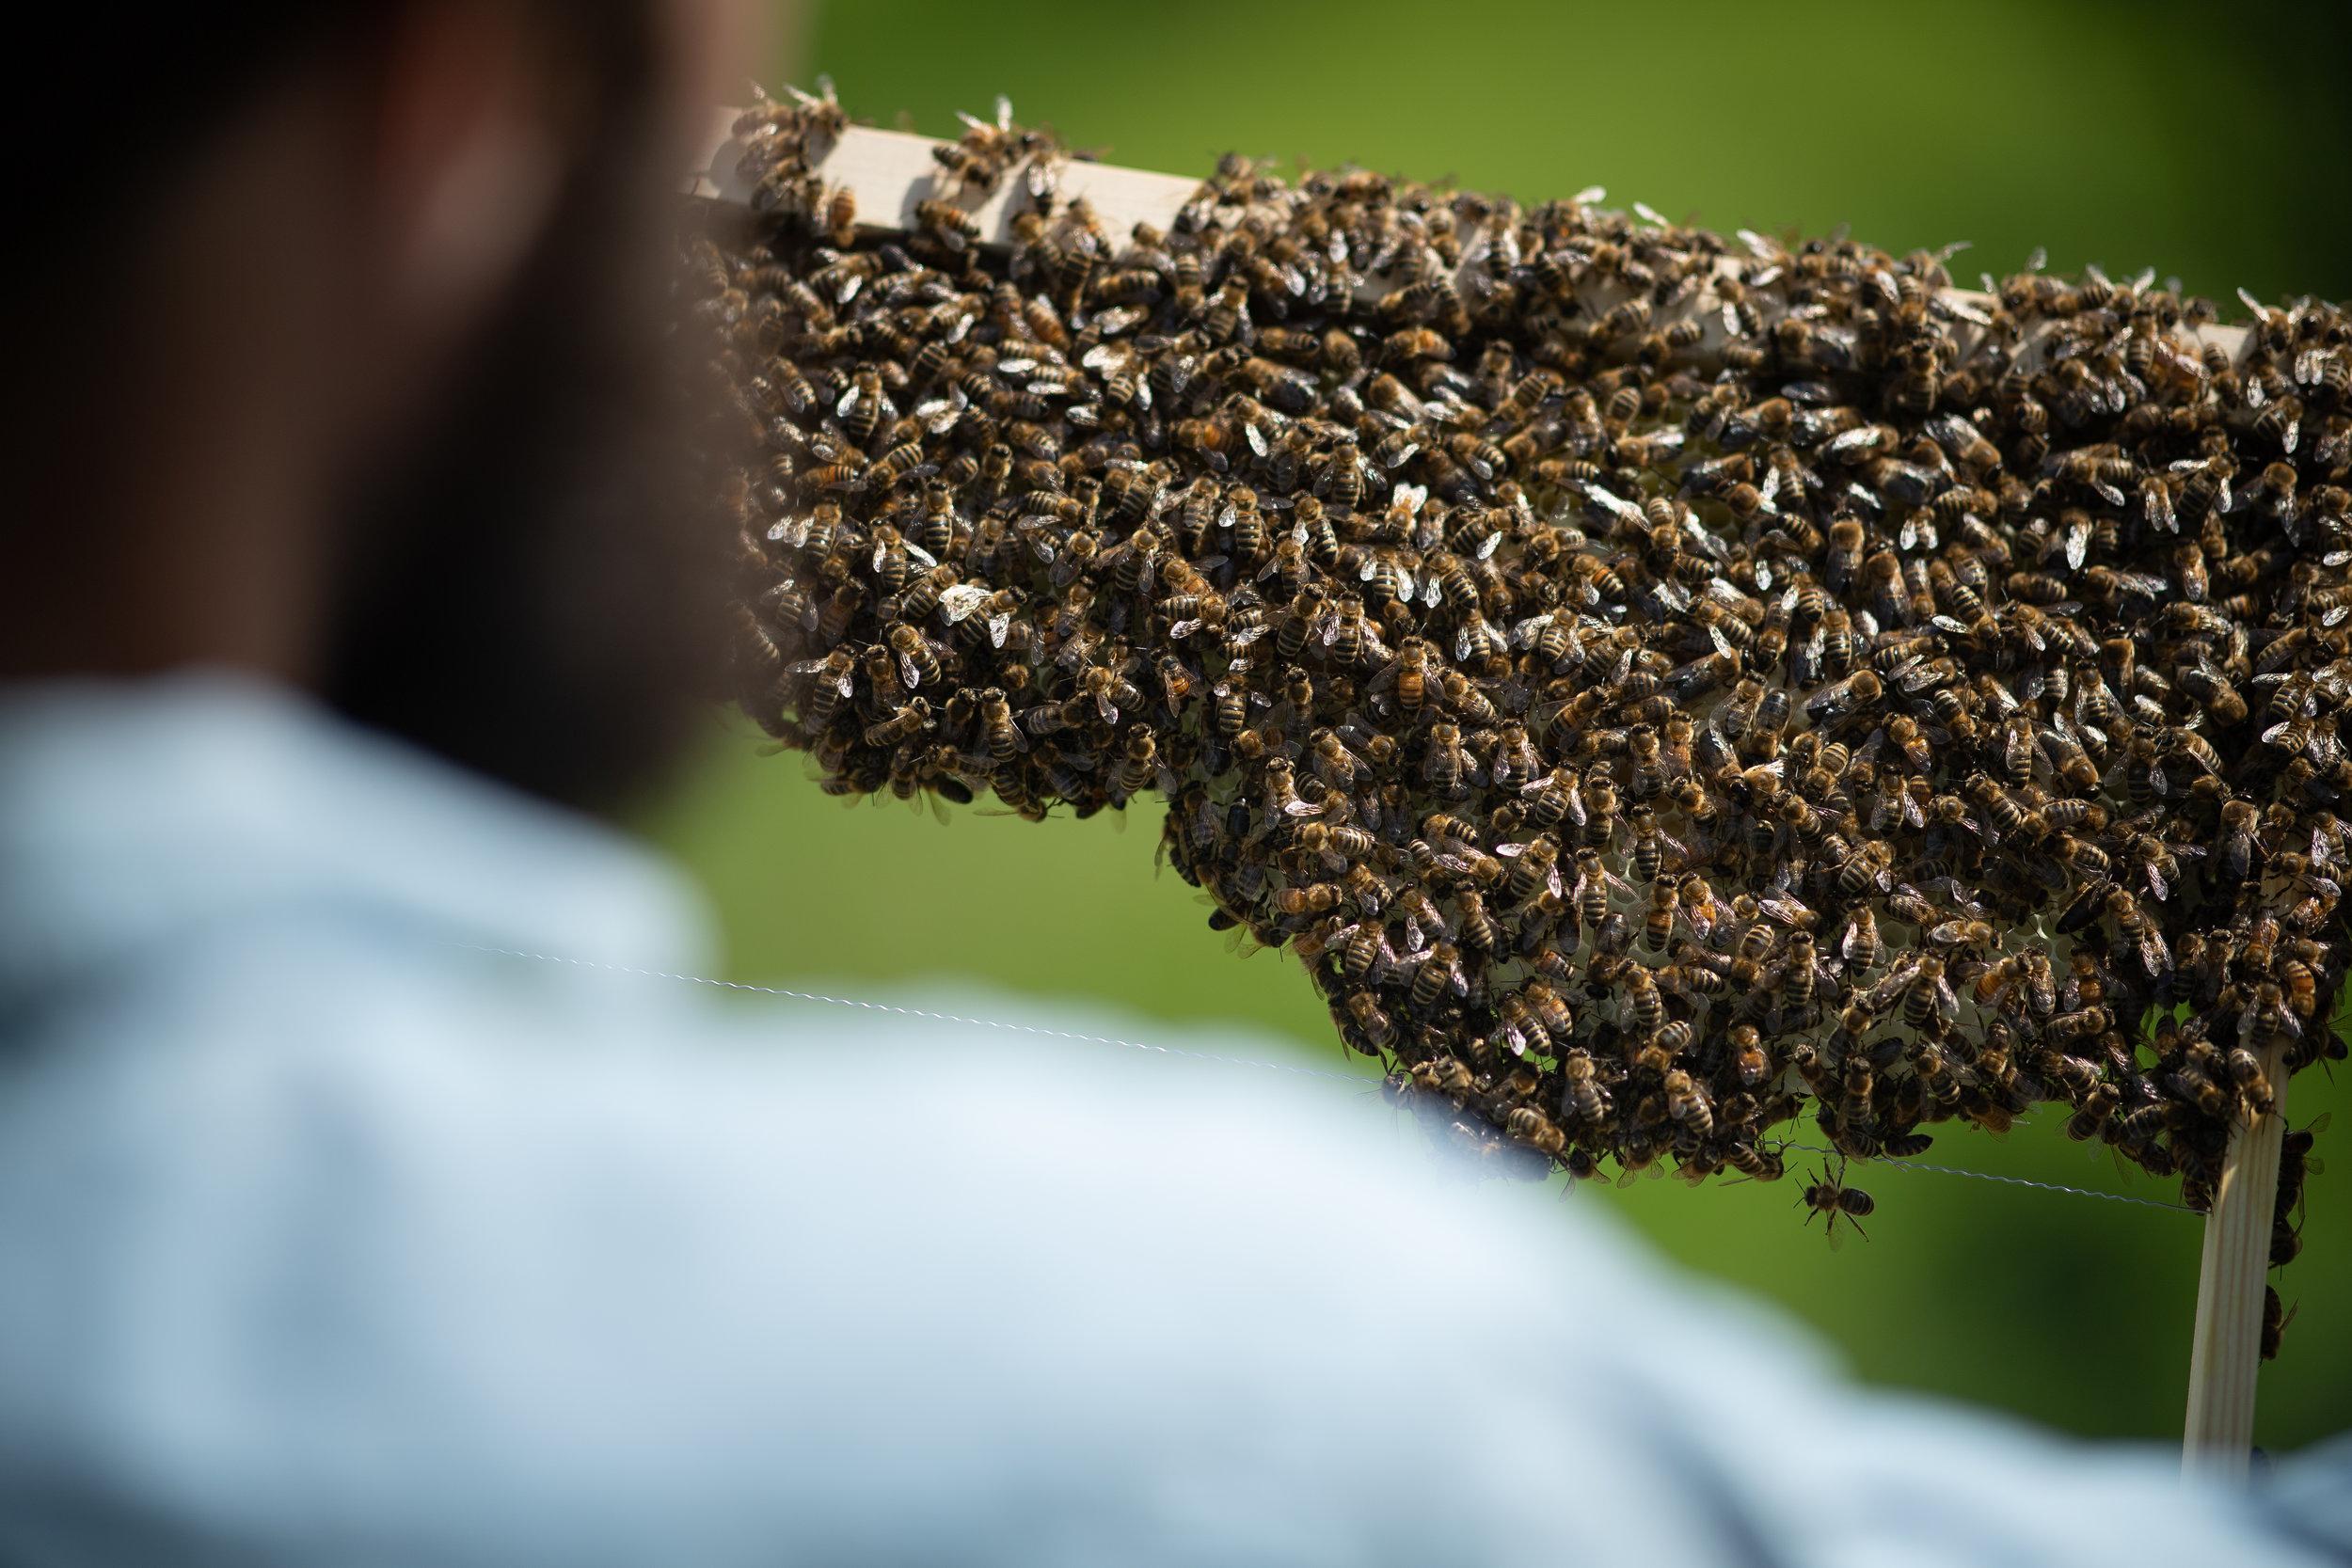 Hier betrachtet er eines seiner vielen Bienenvölker.